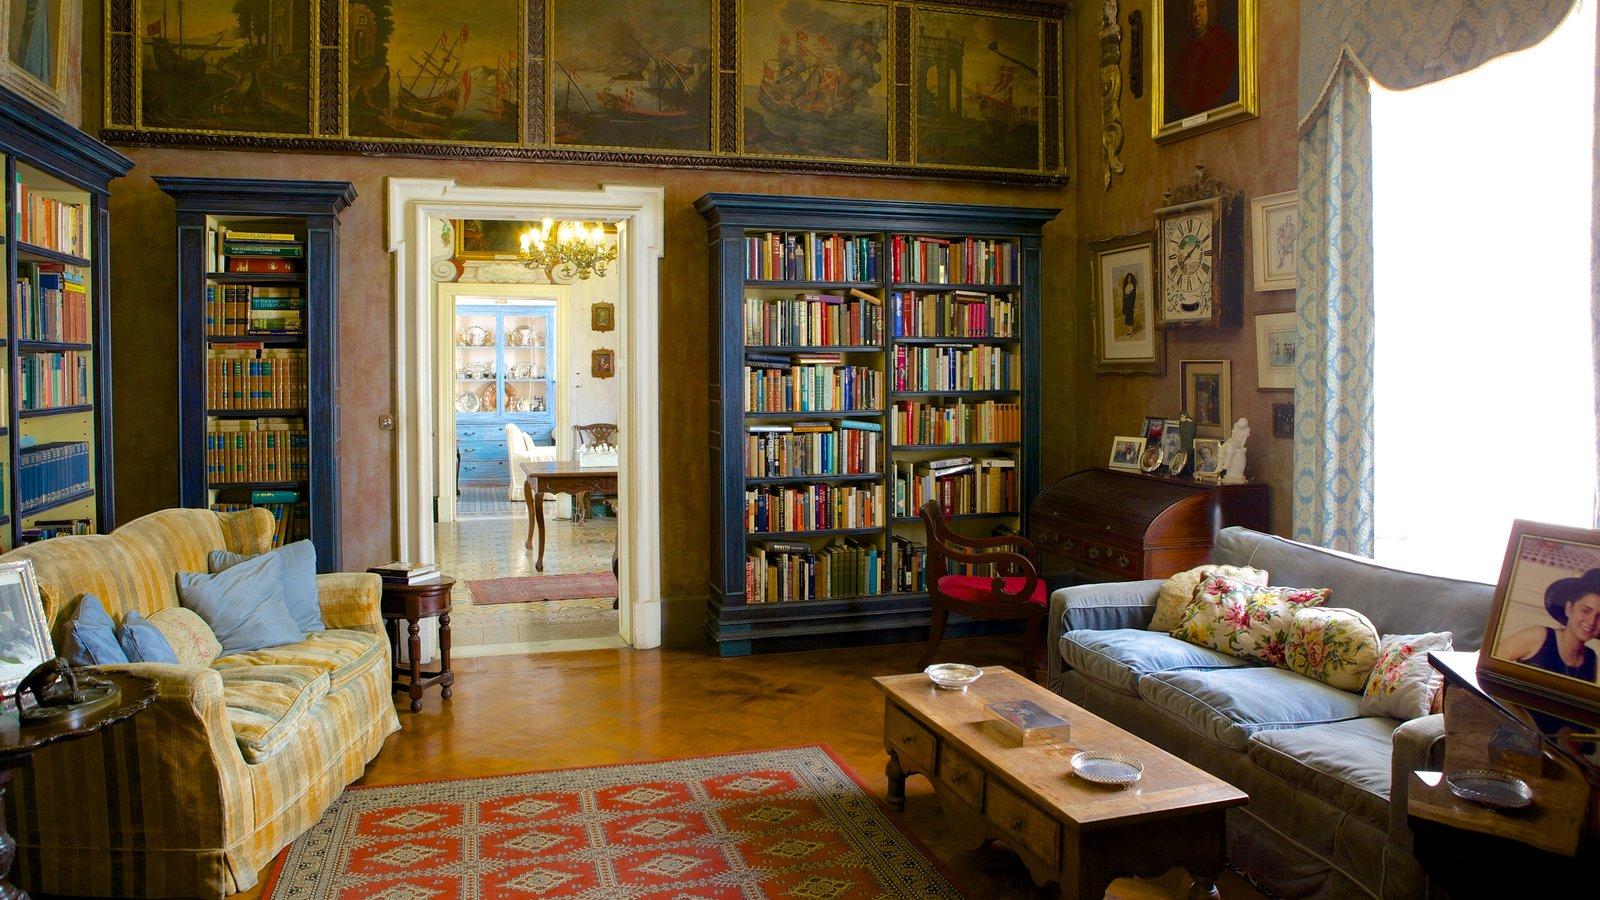 Casa Rocca Piccola caracterizando vistas internas